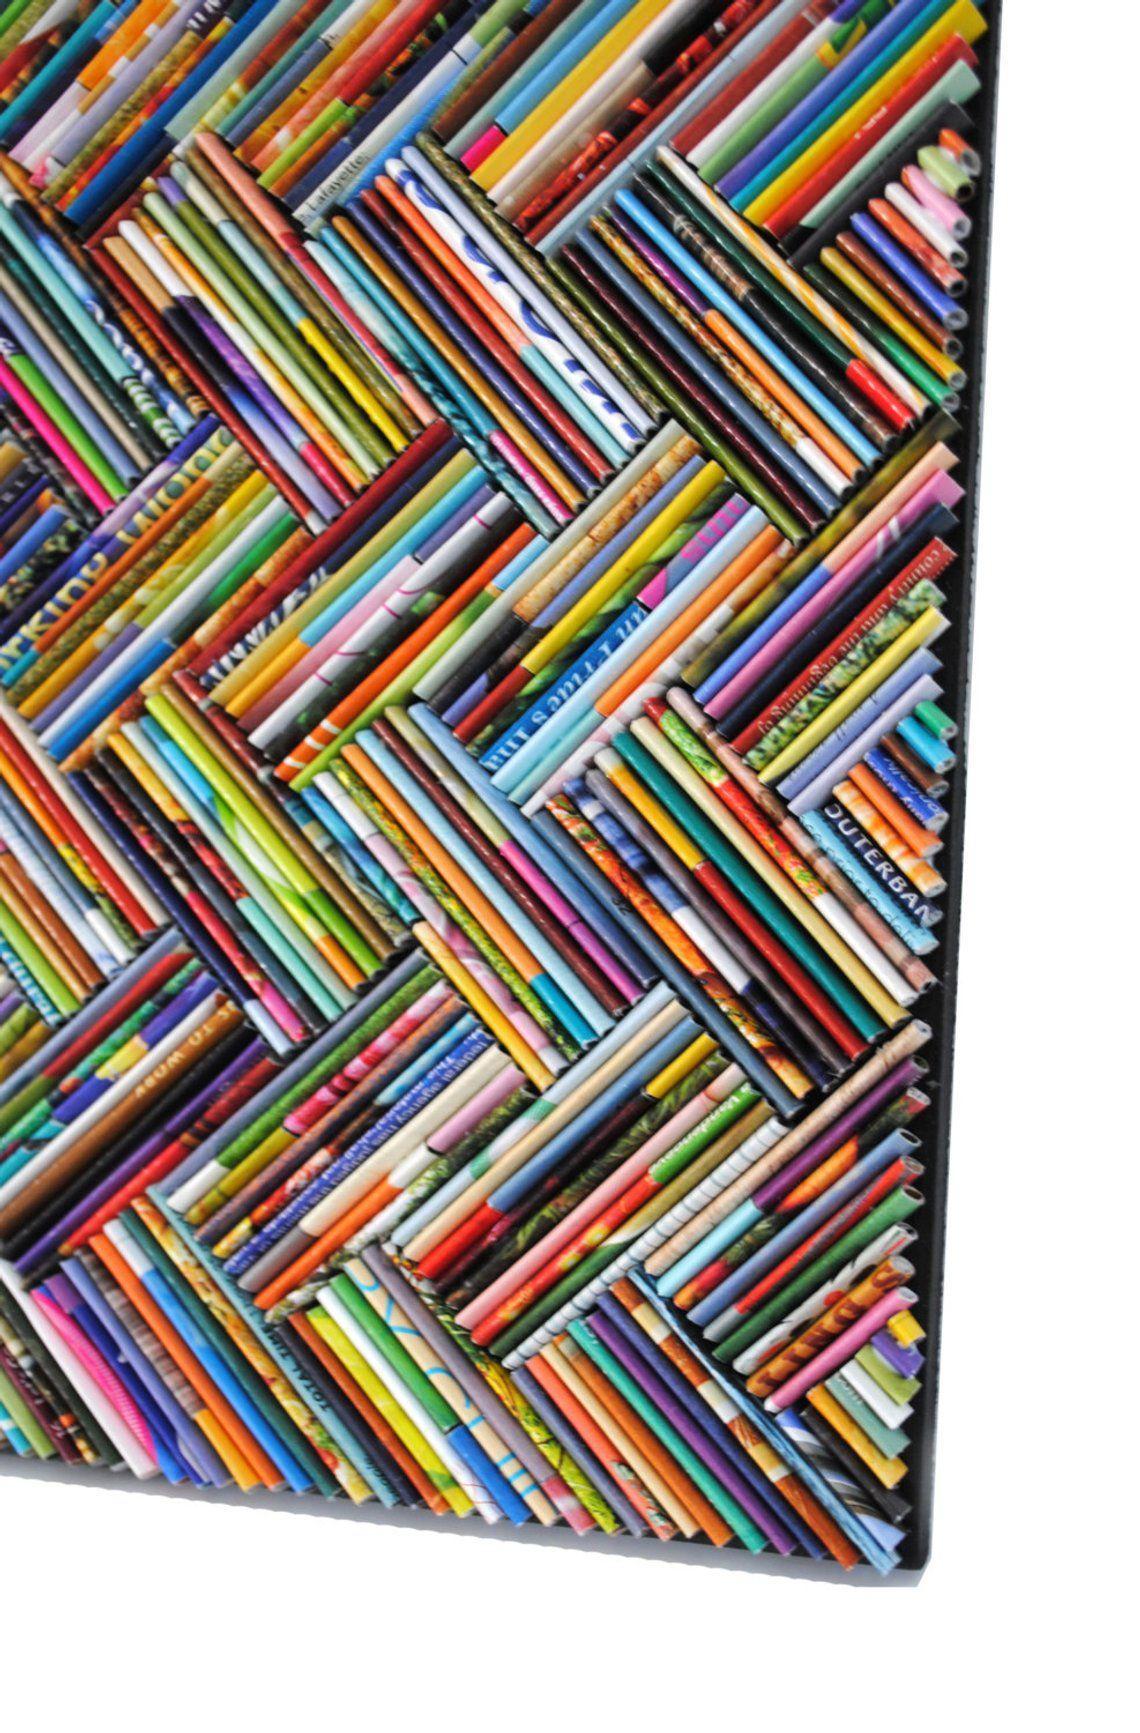 bunte Fischgrät Wandkunst - hergestellt aus recycelten Zeitschriften, blau, grün, rot, lila, rosa, gelb, orange, Detail, modern, bunt, hell #recycledart